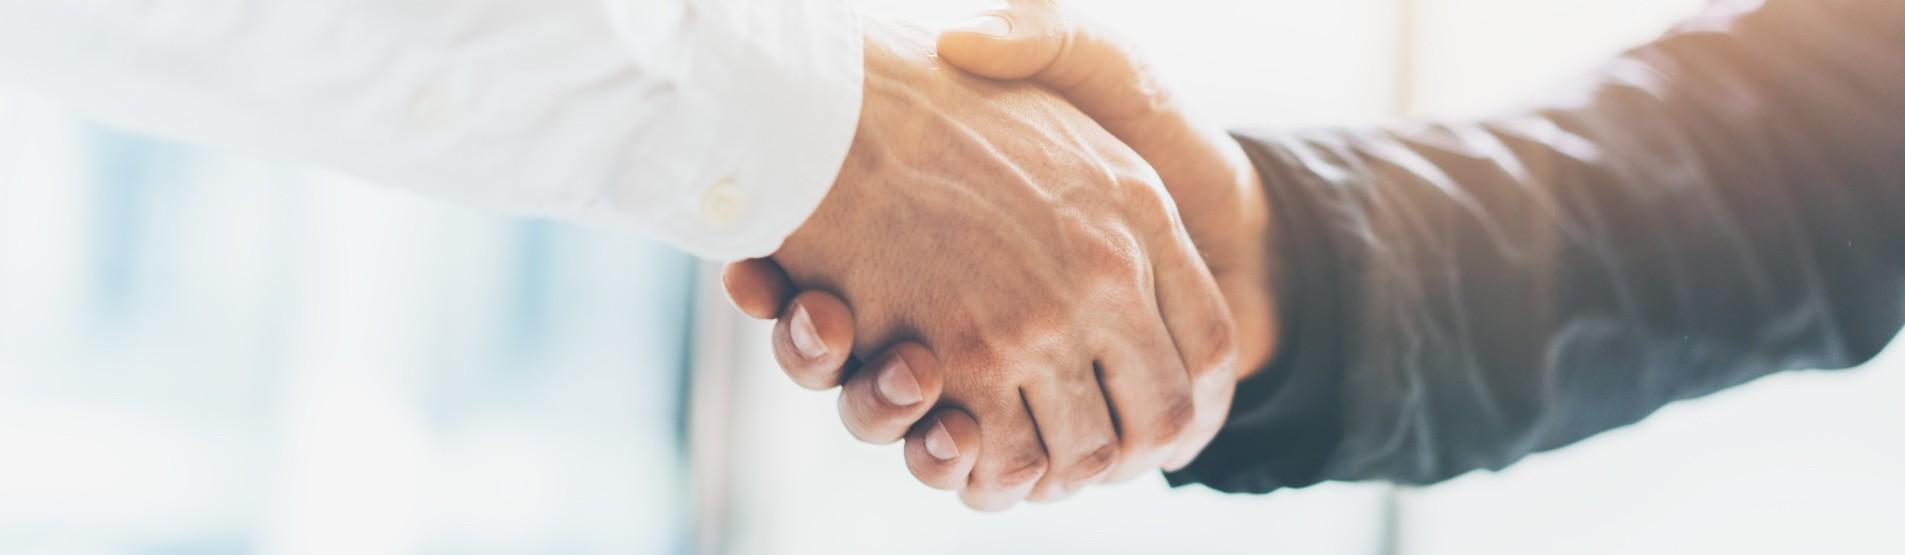 Partenariat entre les fabricants de systèmes de chauffage, les experts et les professionnels du marché